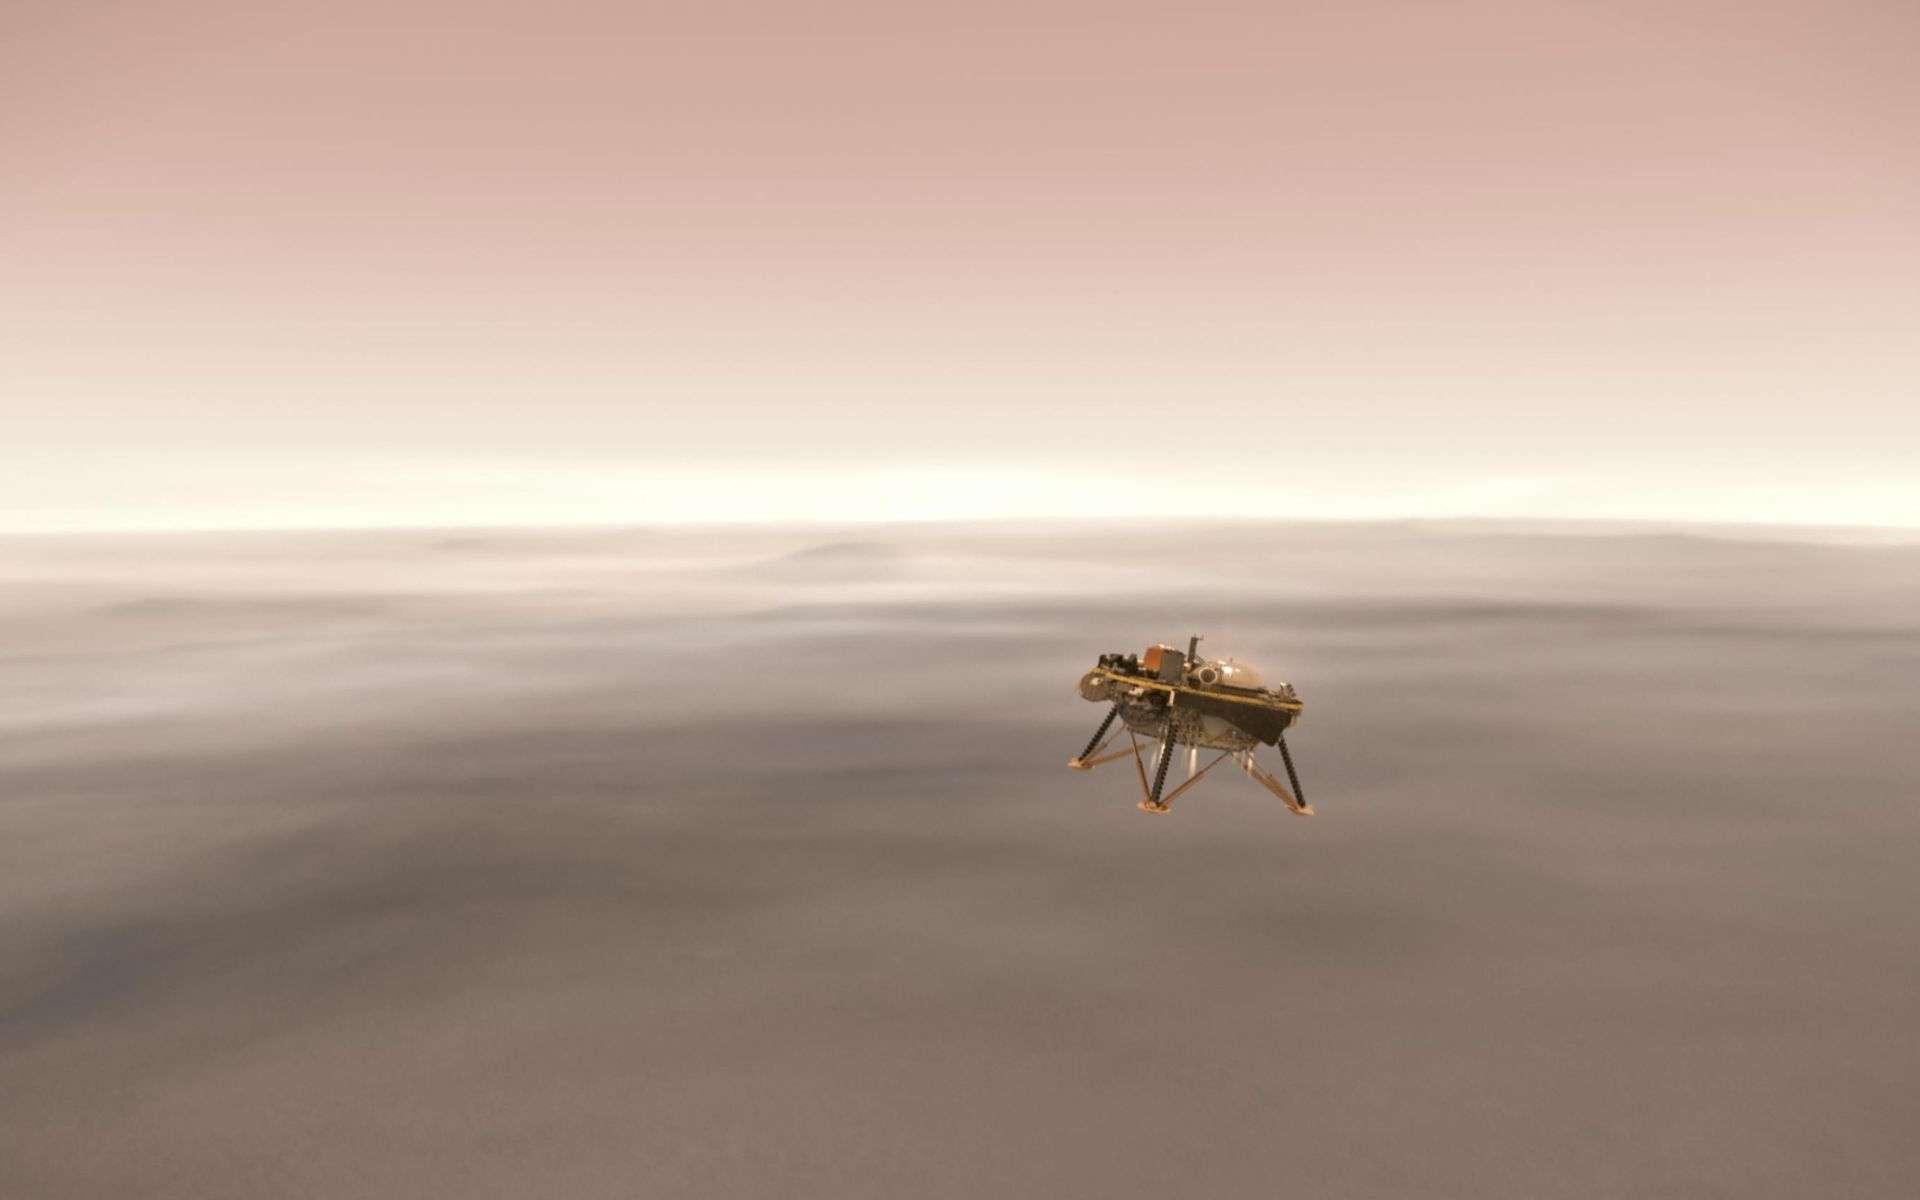 Le choix du site d'atterrissage du rover est toujours un casse-tête pour les scientifiques. En image, la descente du robot InSight. © Nasa, JPL